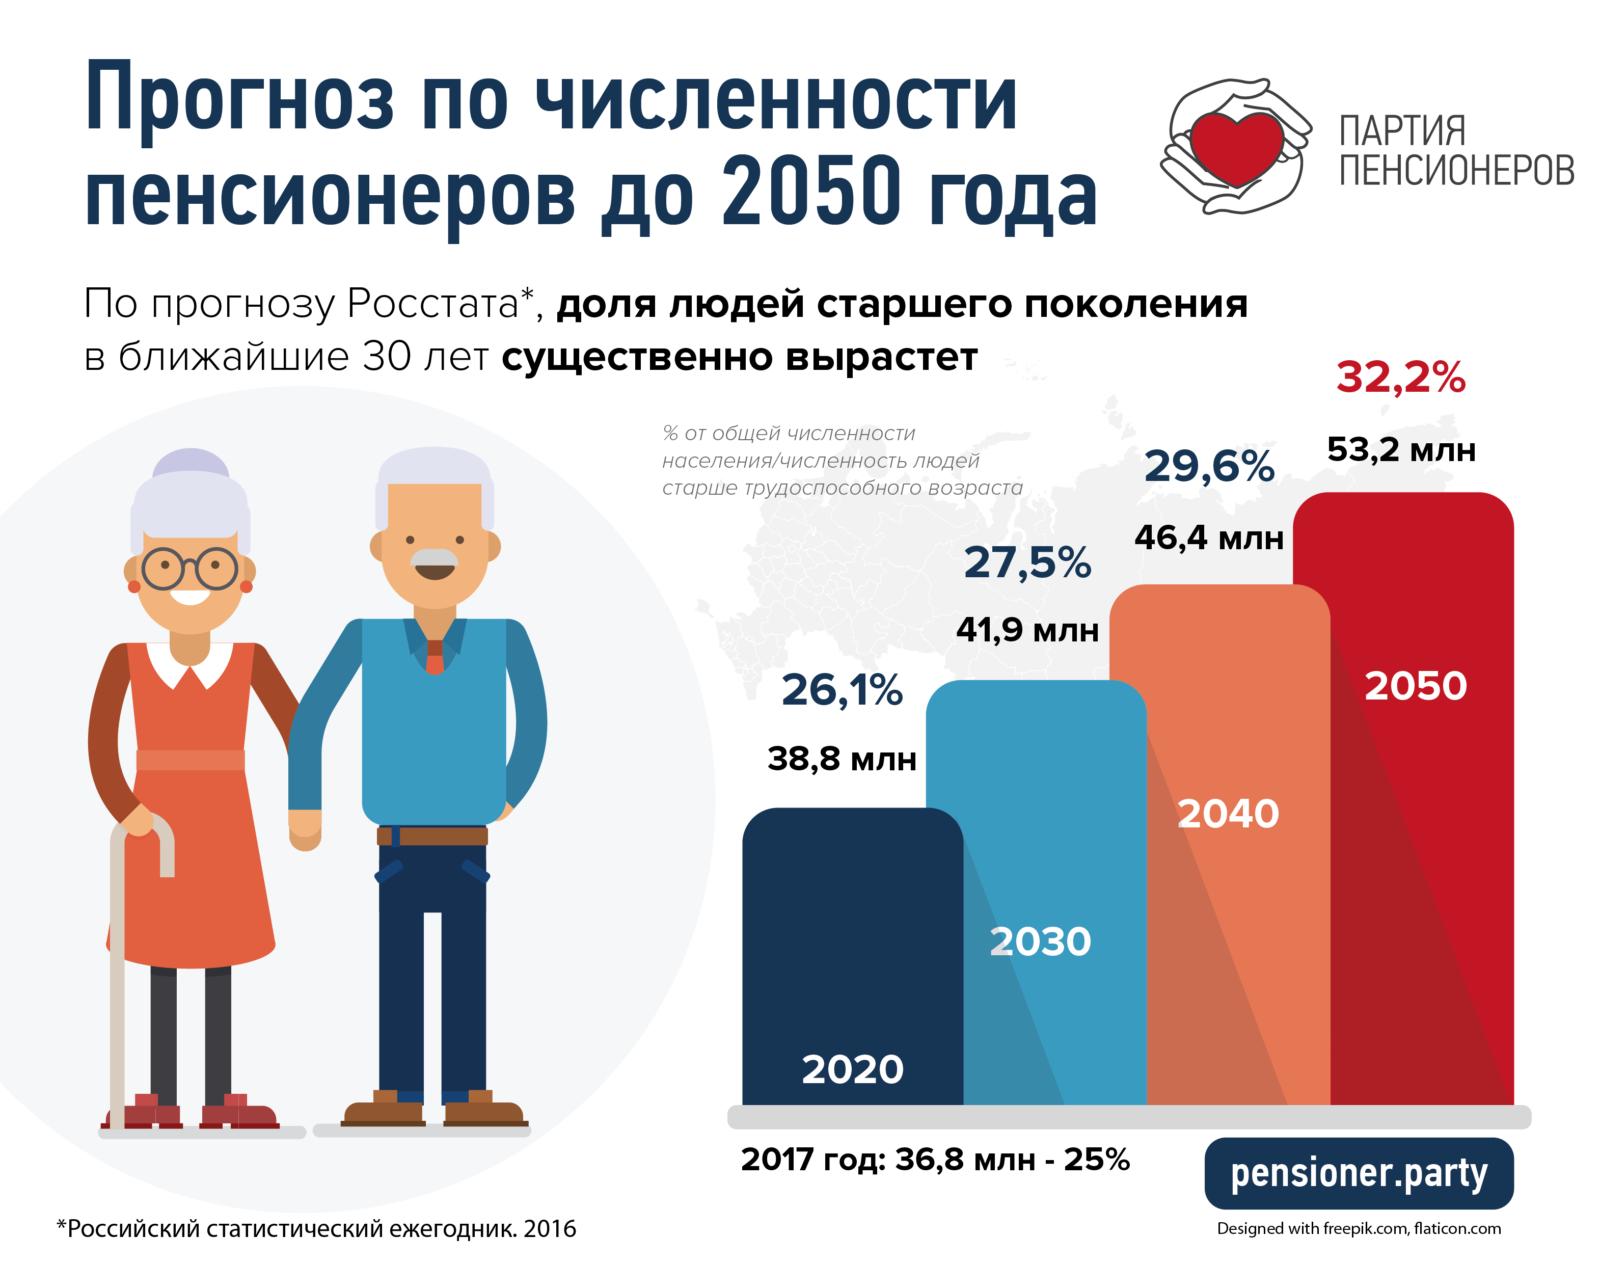 Сколько пенсионеров будет в 2050 году